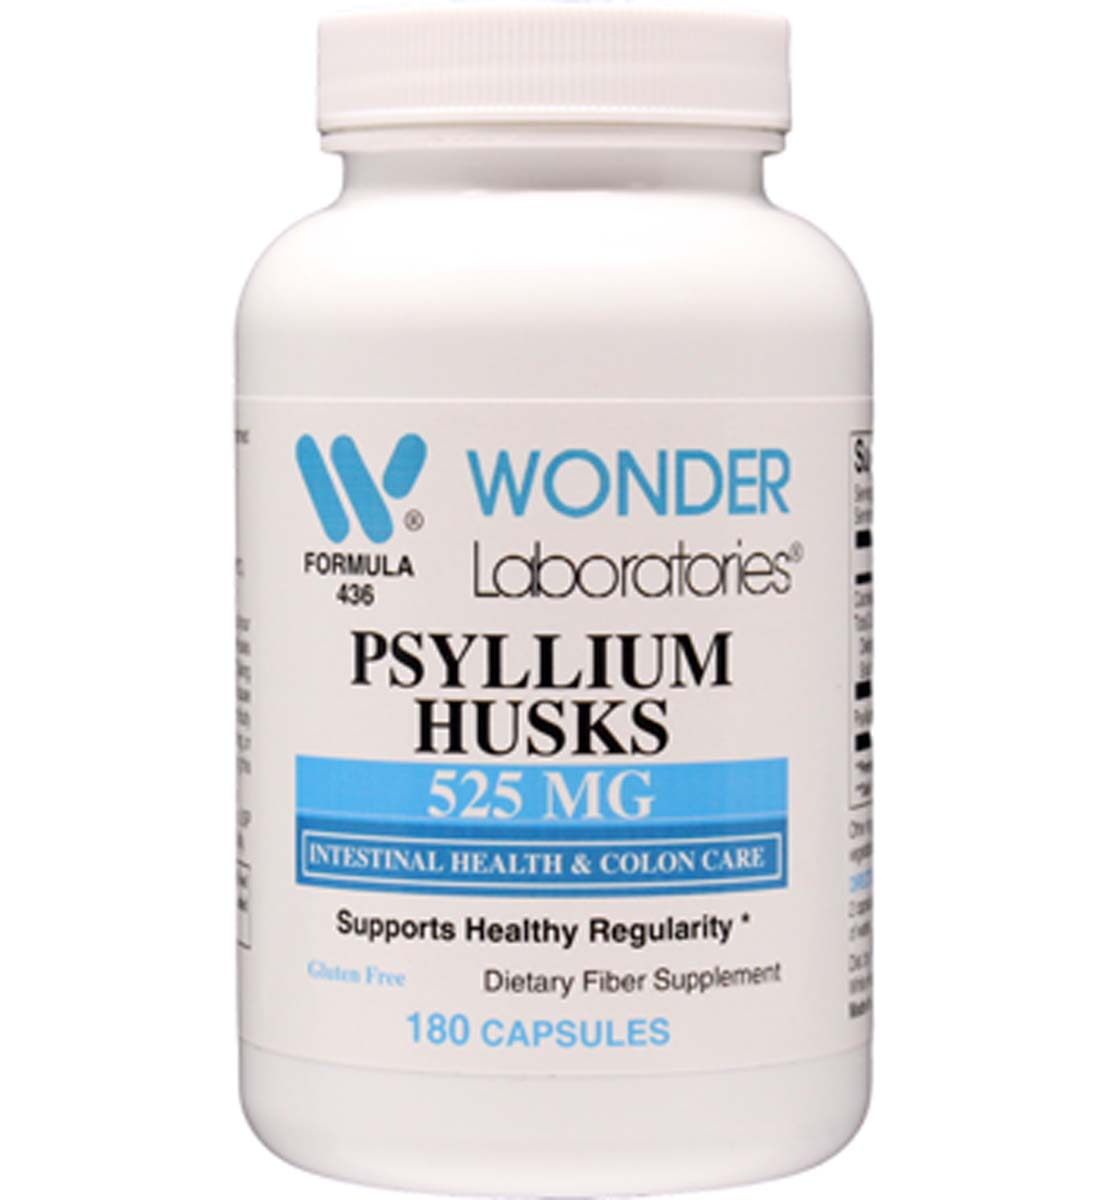 Psyllium Husk 525 mg